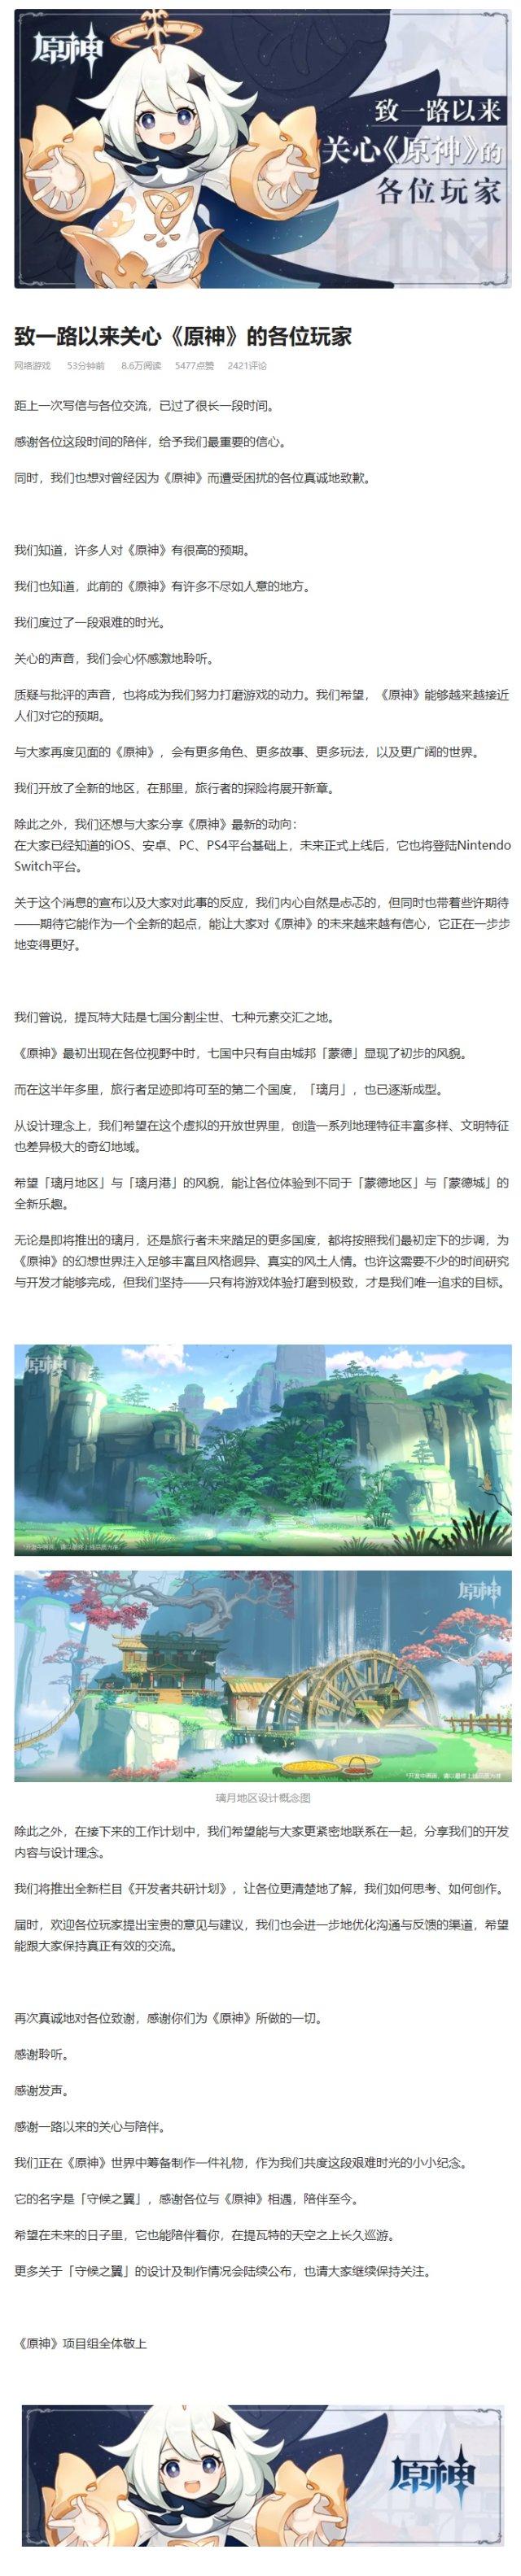 《原神》项目组致玩家的一封信:登陆NS令我们既忐忑又期待